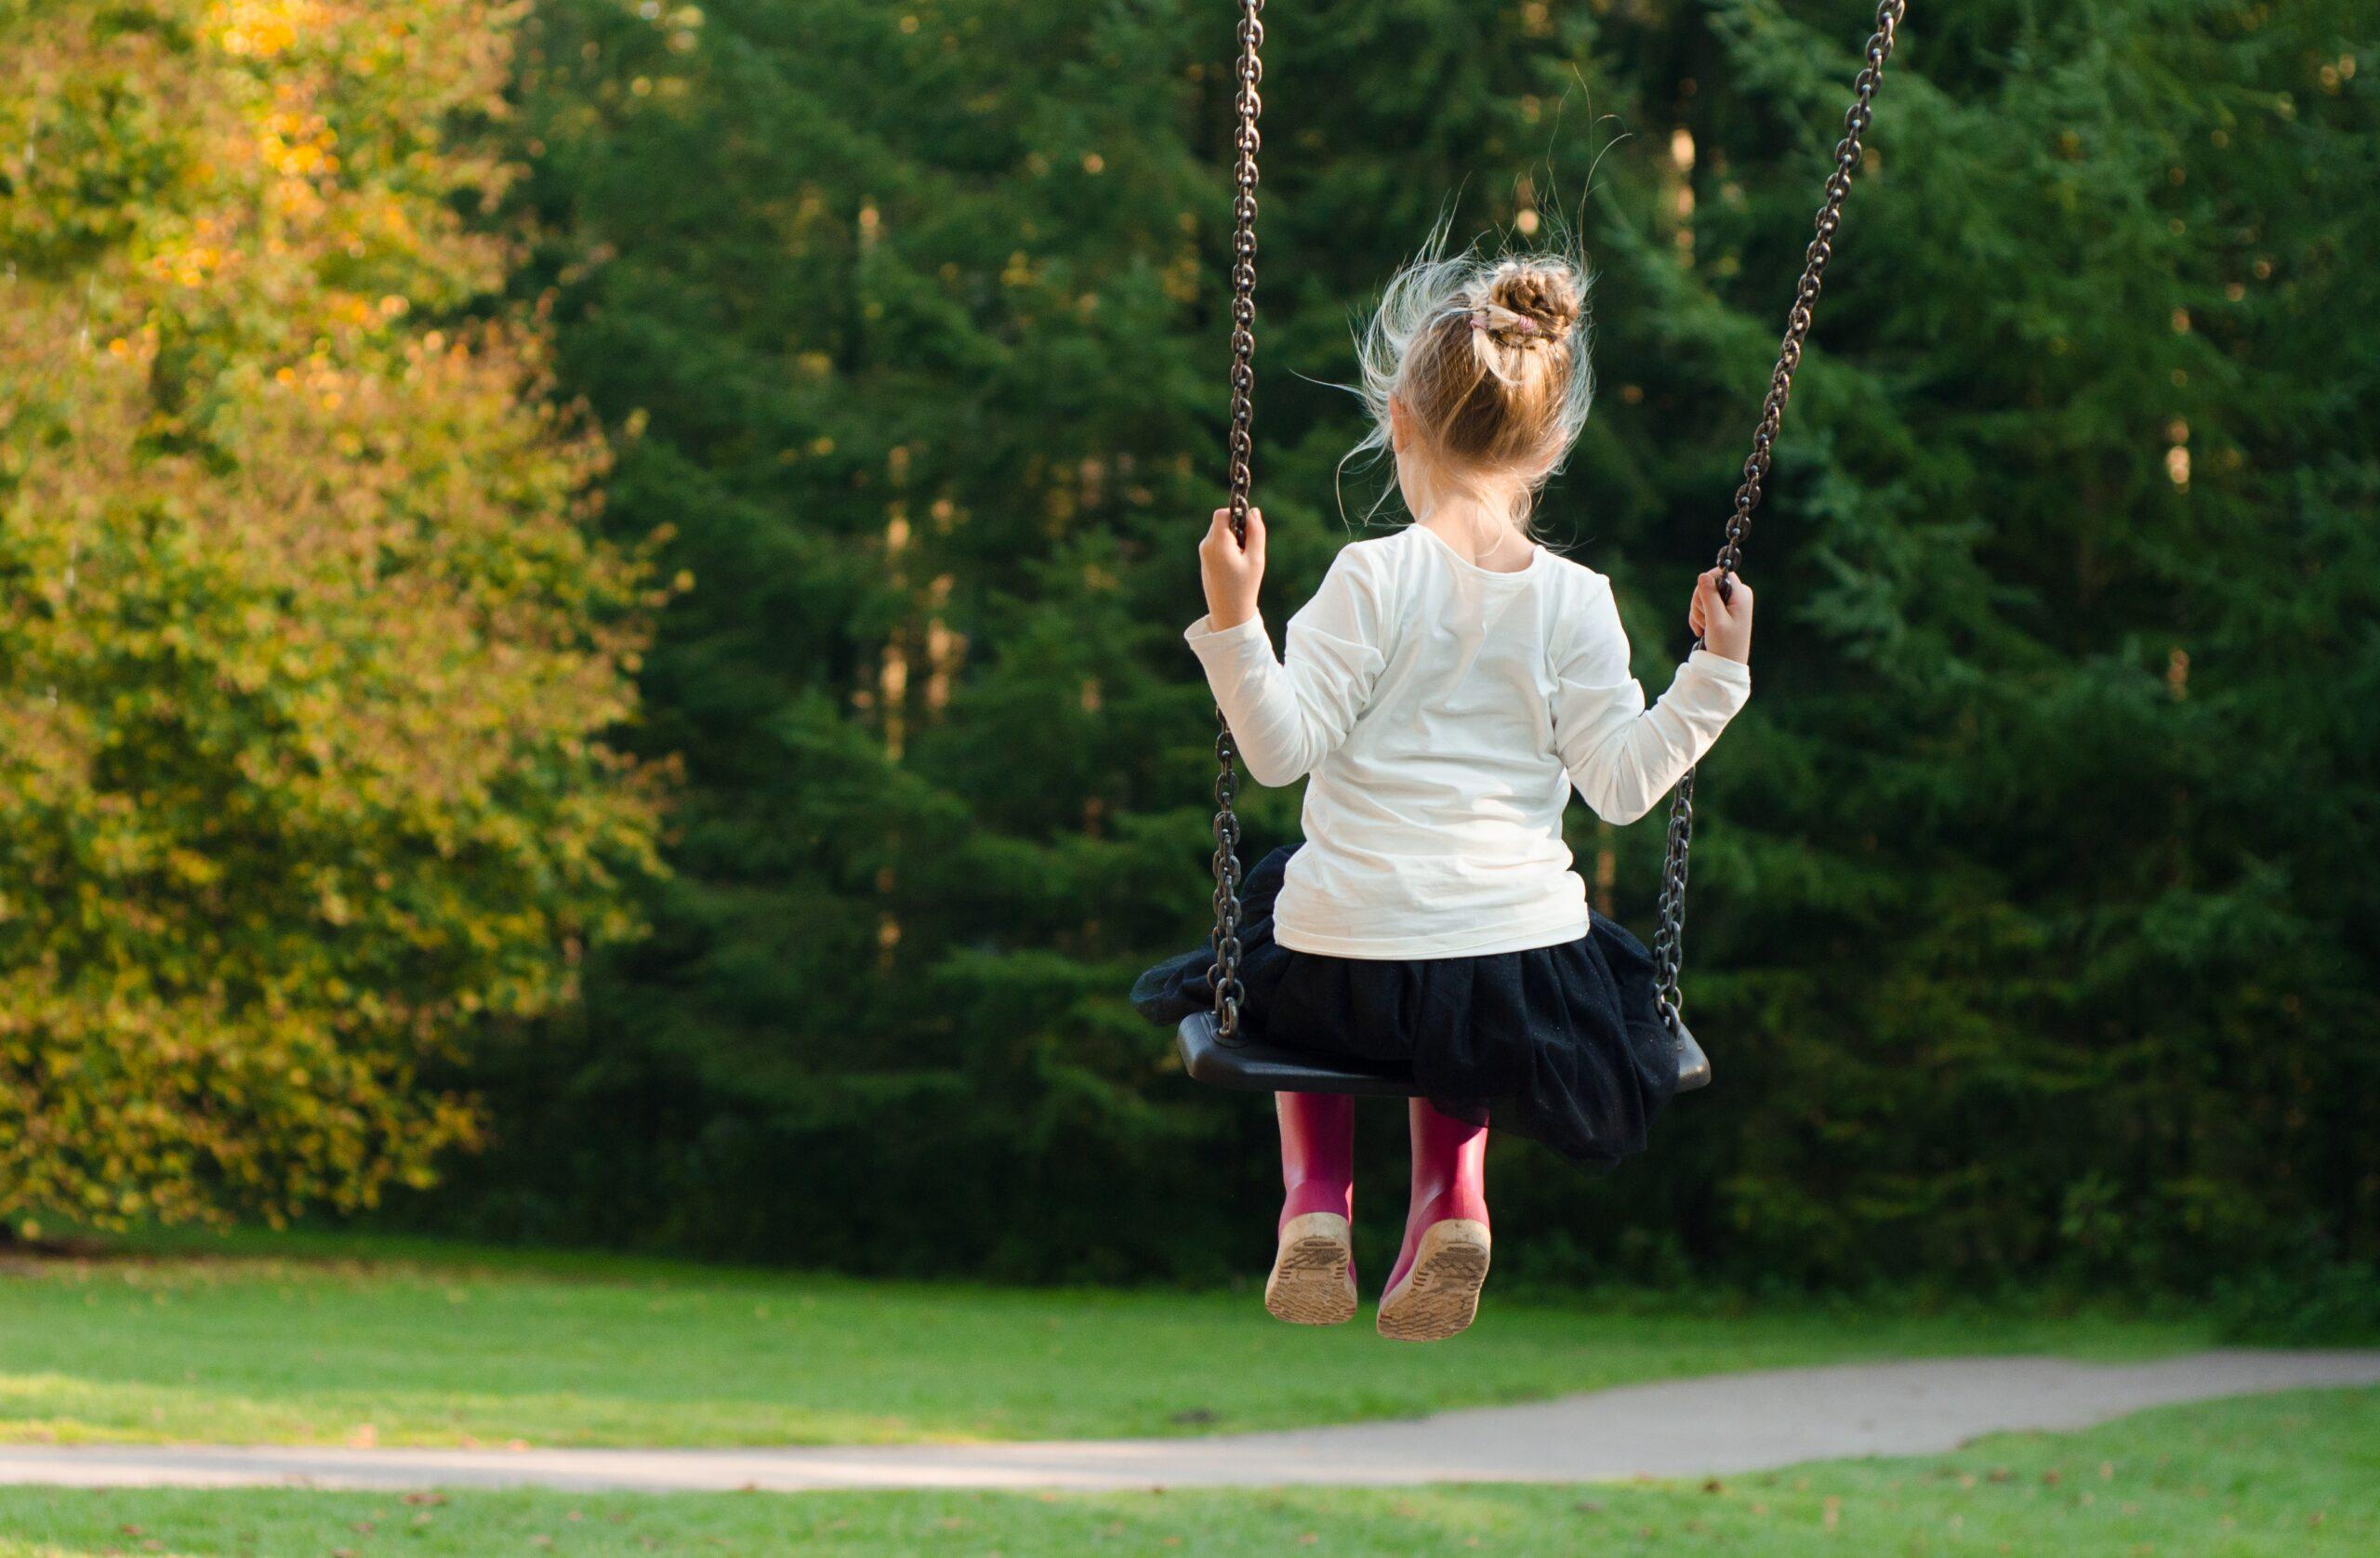 Geld maakt wel gelukkig: vrijetijdsbesteding te duur voor mensen met een laag inkomen